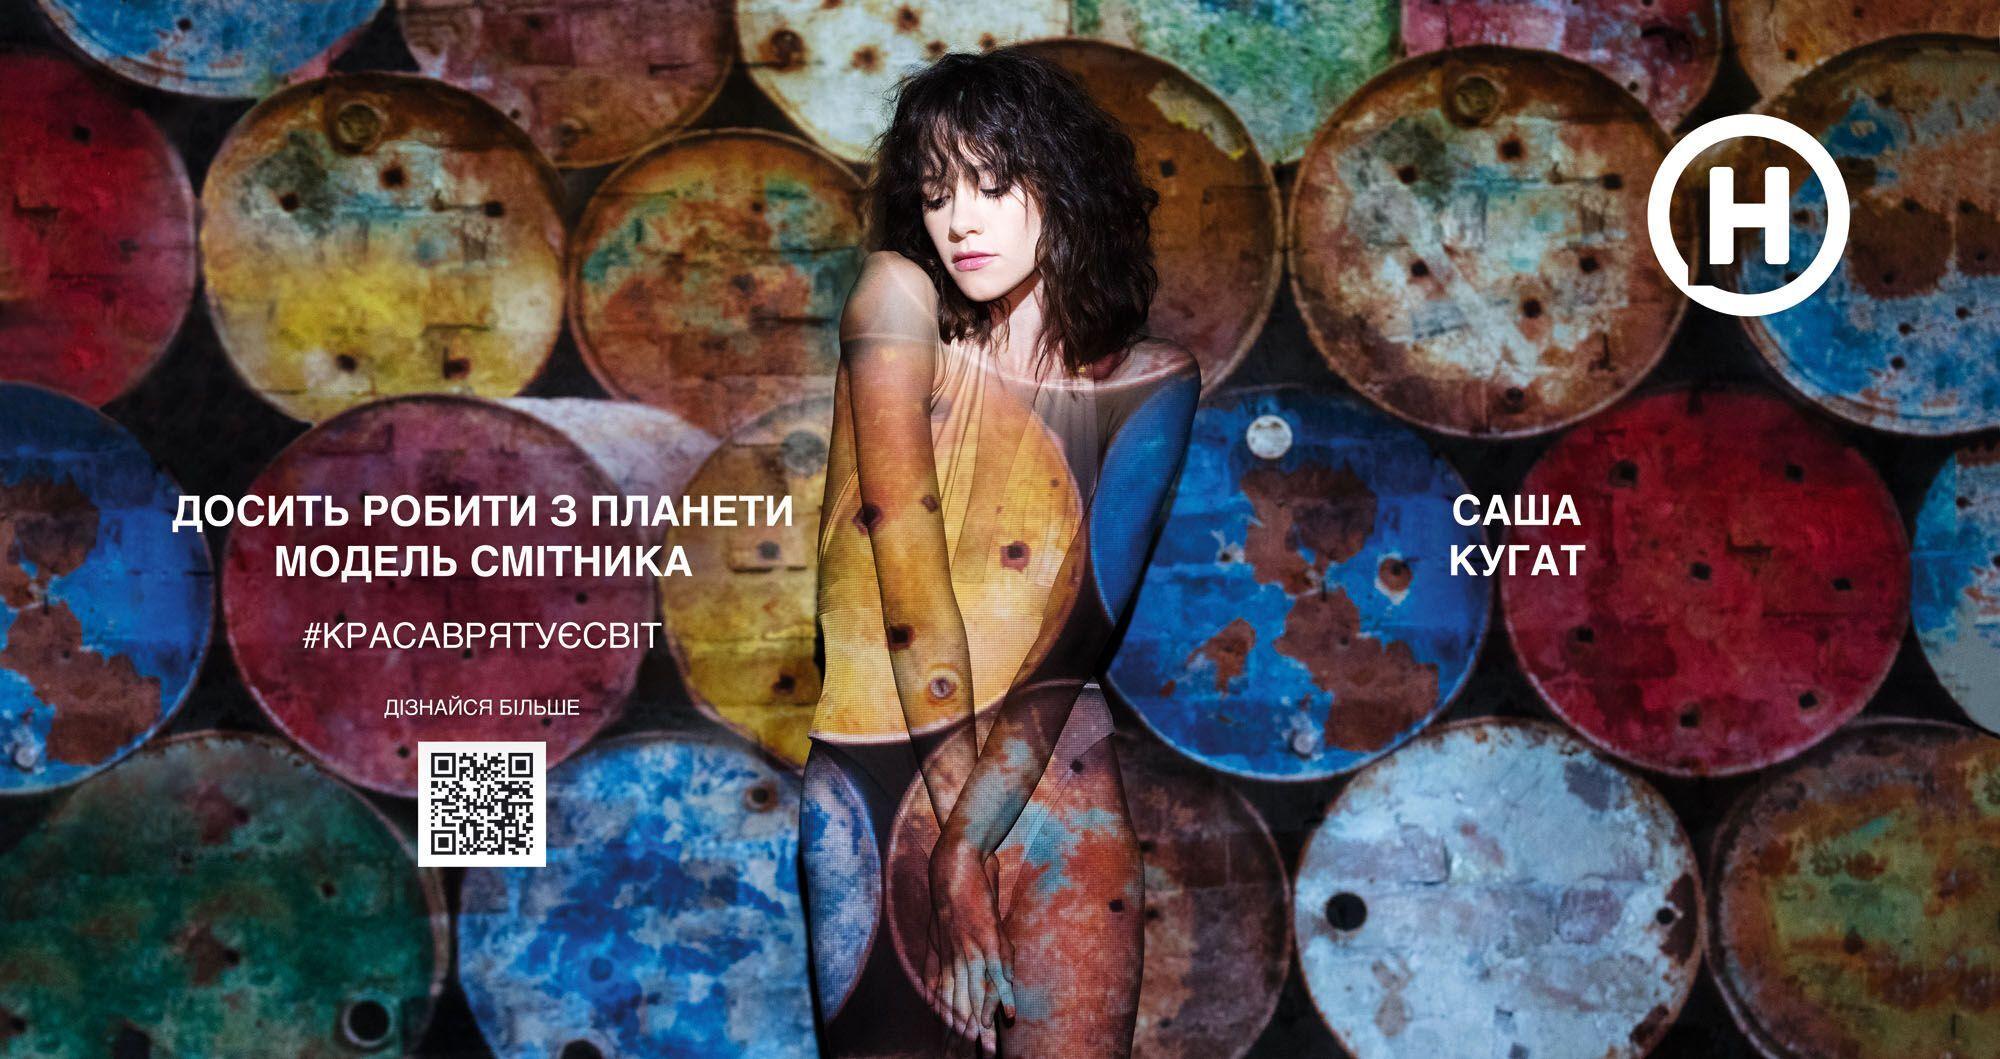 Модель Олександра Кугат в соціальному проекті СТМПУ